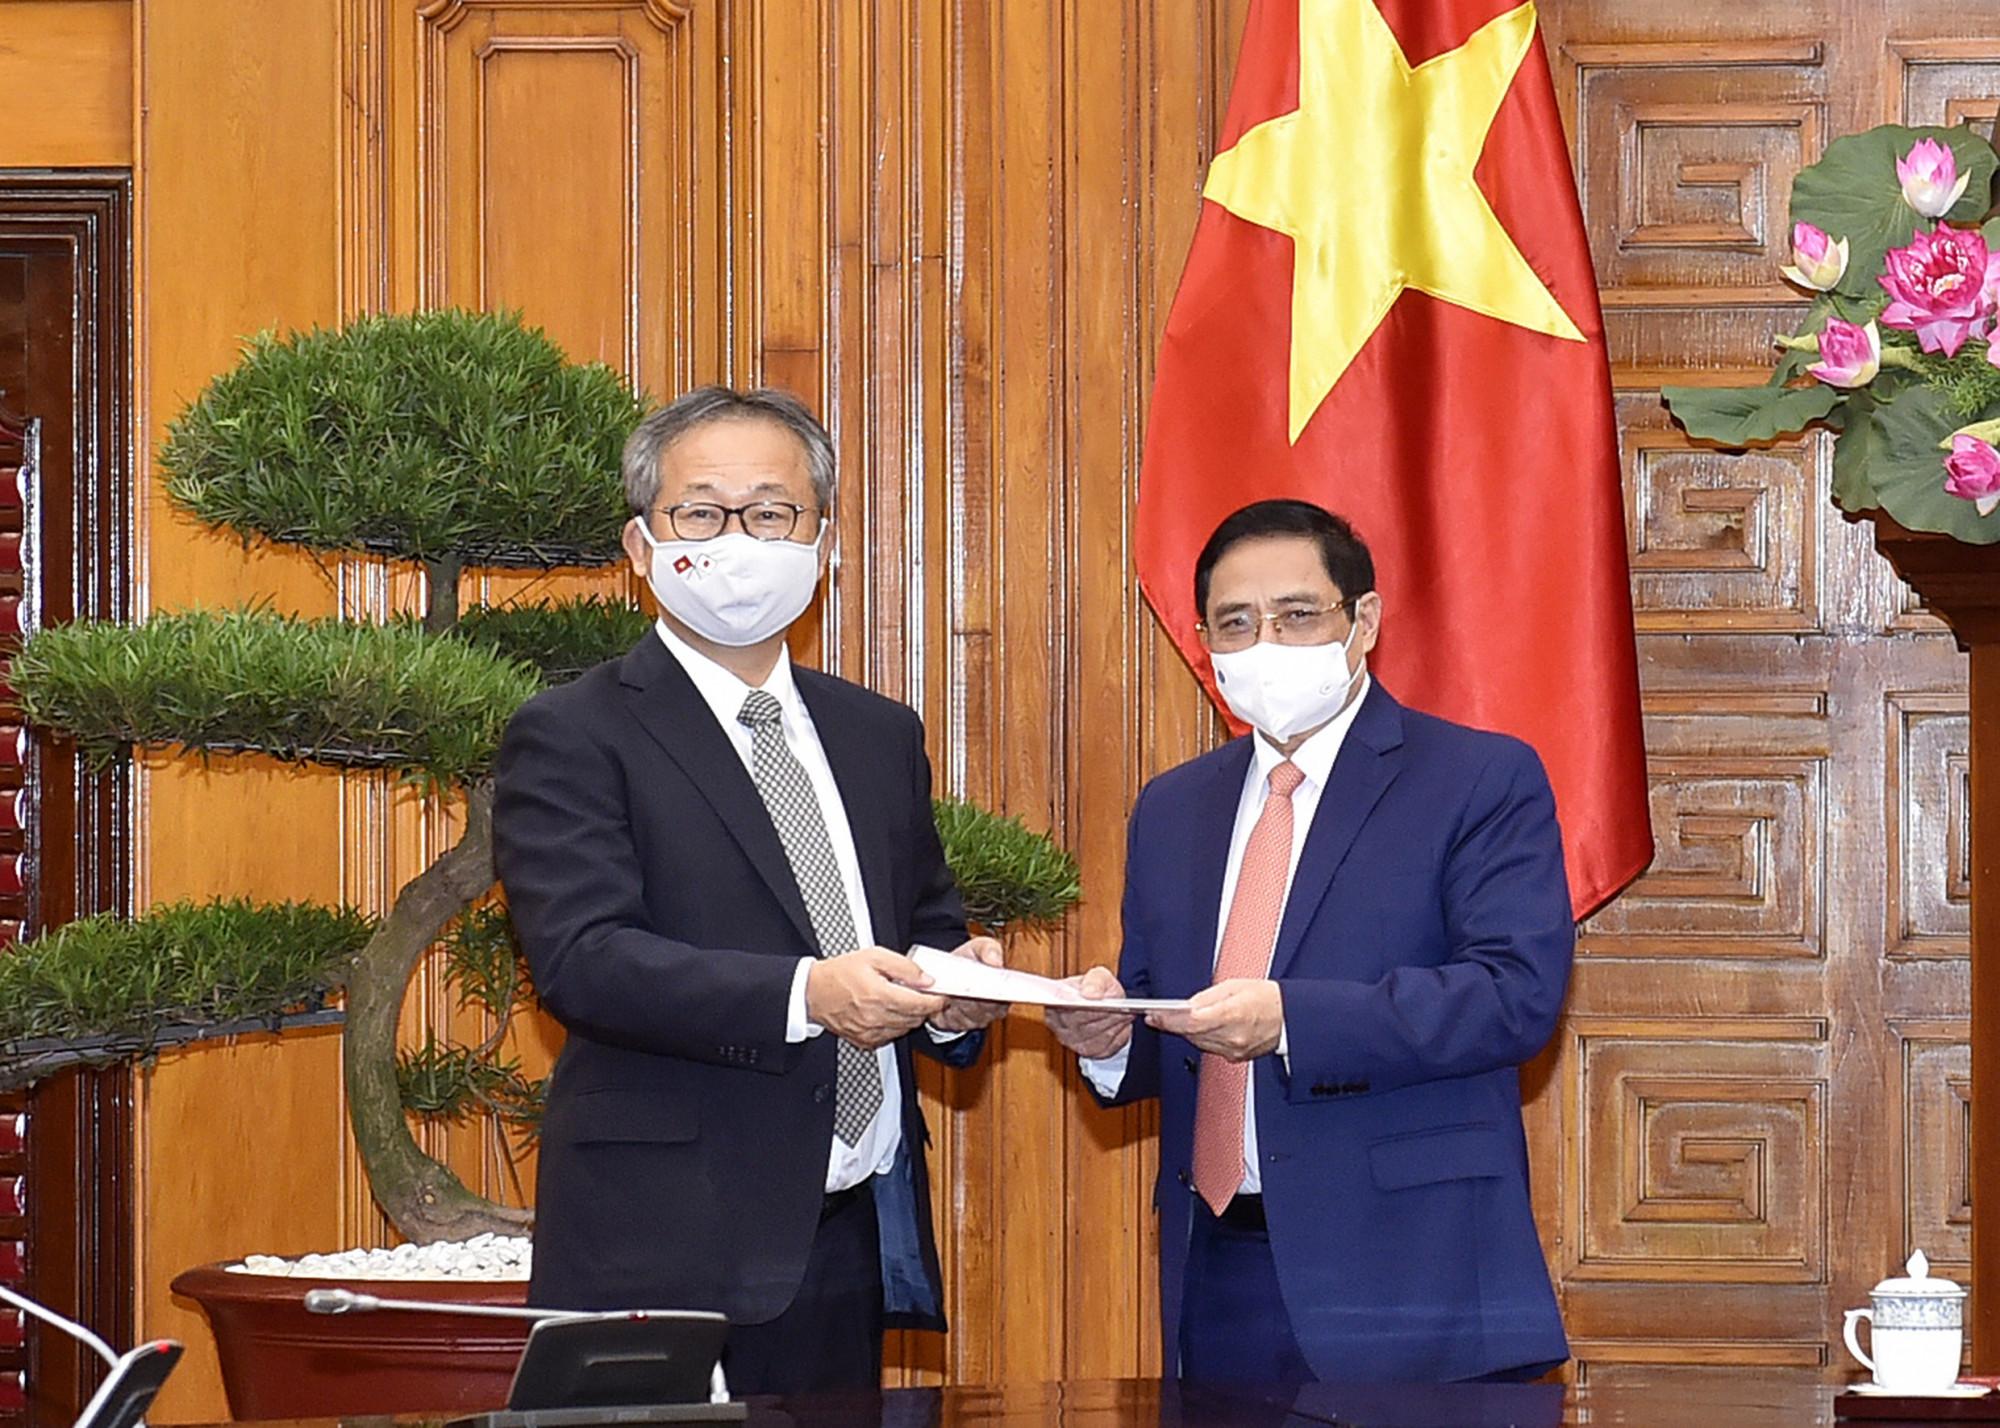 Thủ tướng Chính phủ Phạm Minh Chính đã tiếp Đại sứ Nhật Bản tại Việt Nam Yamada Takio.